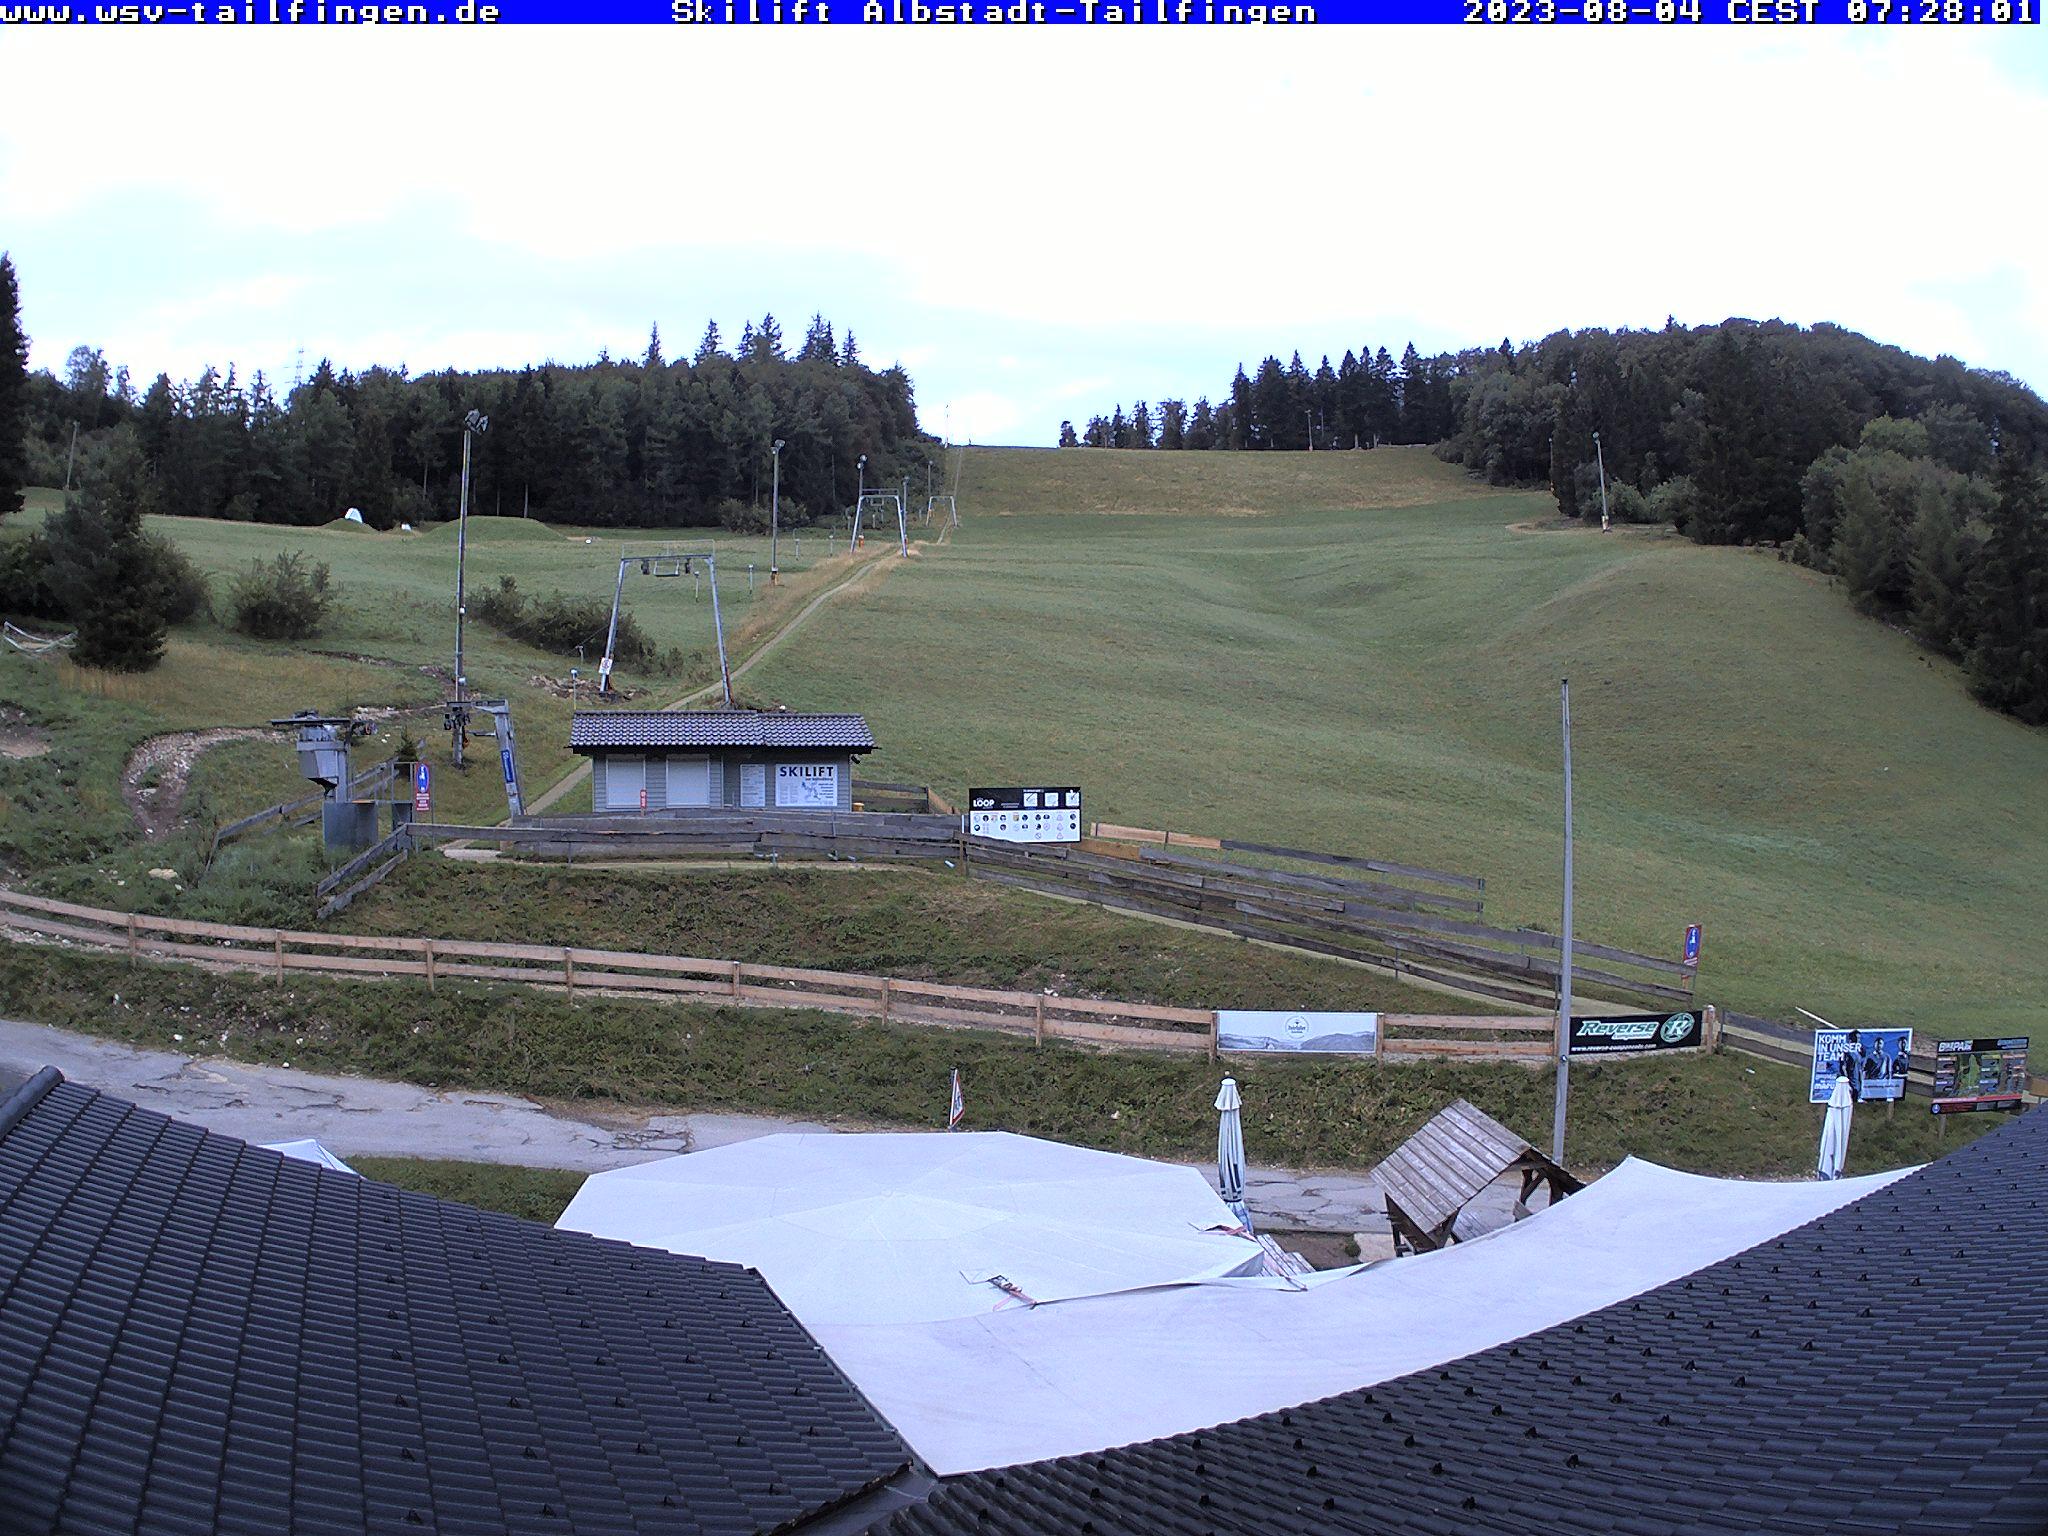 Webcam Skigebiet Albstadt - Tailfingen Schwäbische Alb